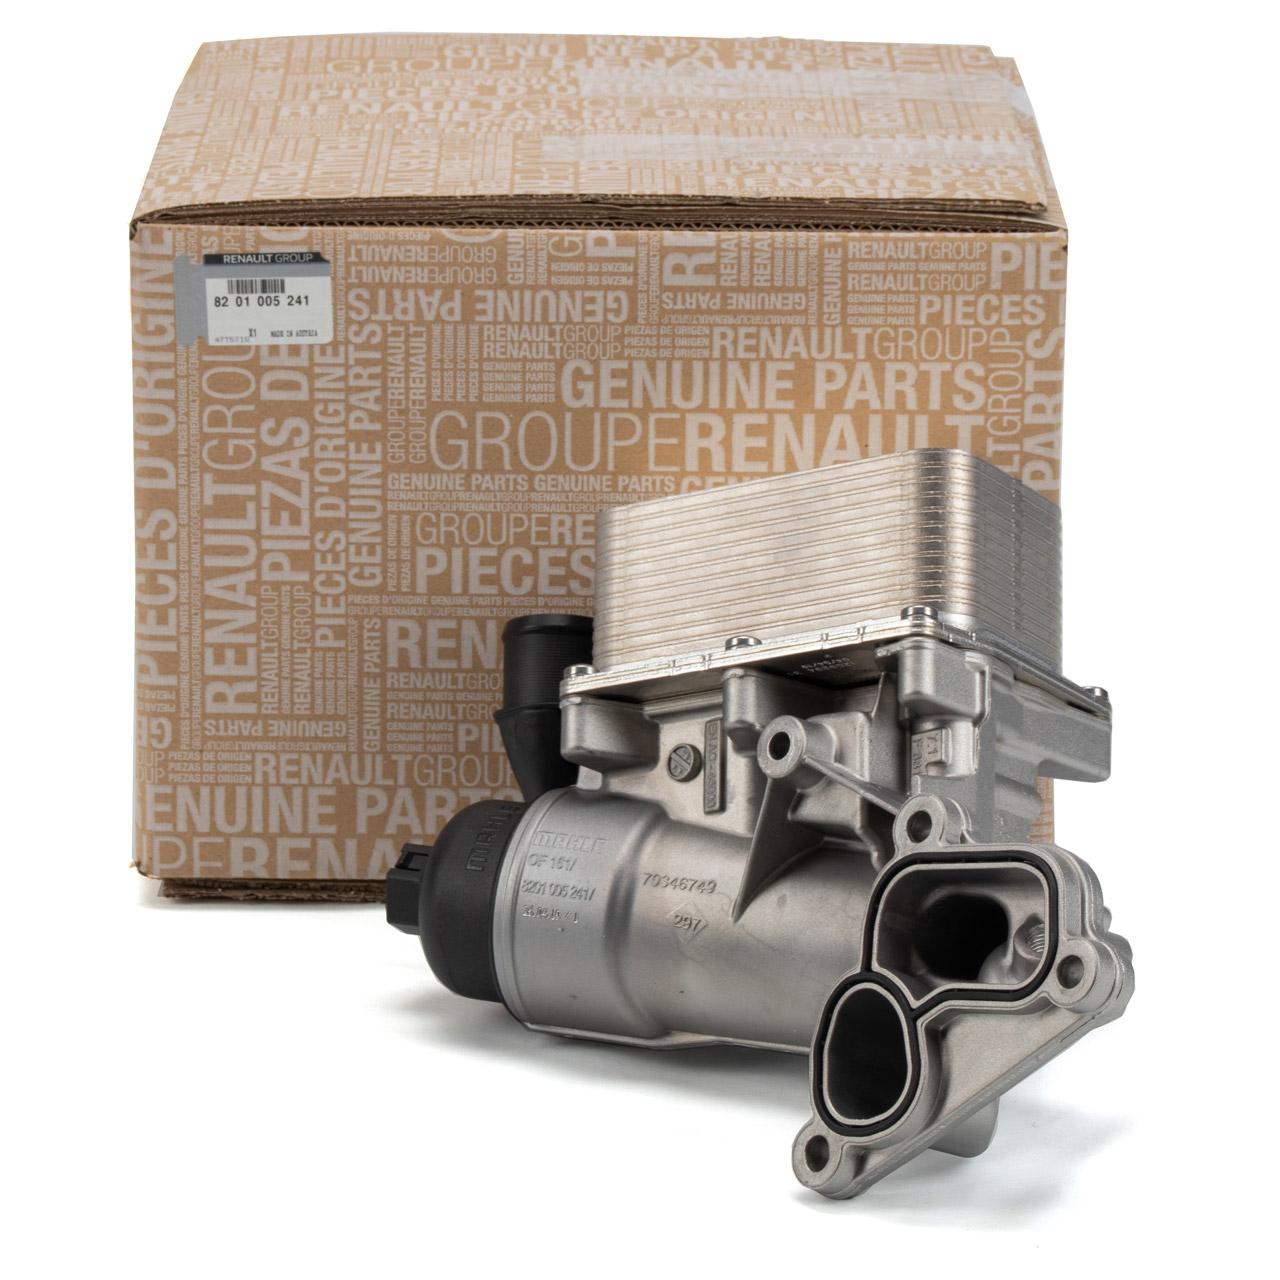 ORIGINAL Renault Ölkühler MASTER 3 TRAFIC 2 KOLEOS 2 2.0 / 2.3 dCi 8201005241